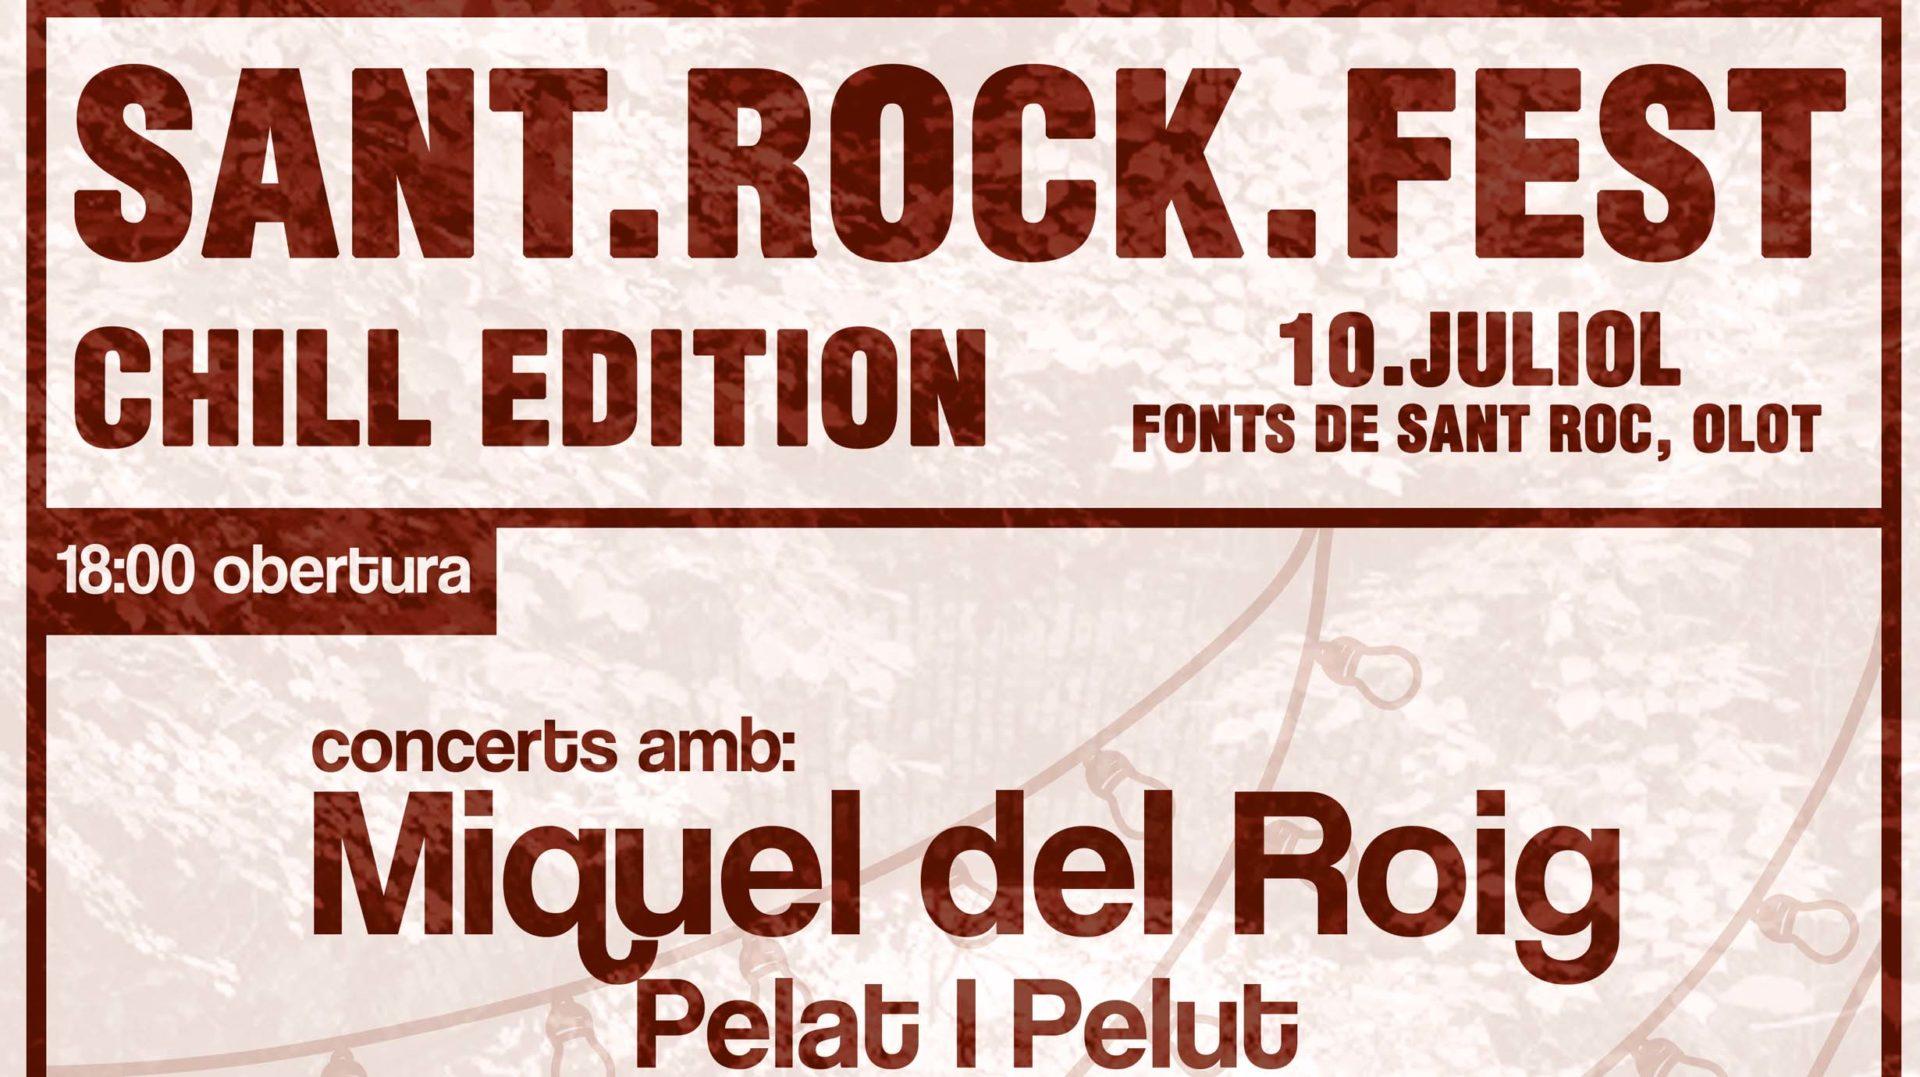 Sant Rock Fest